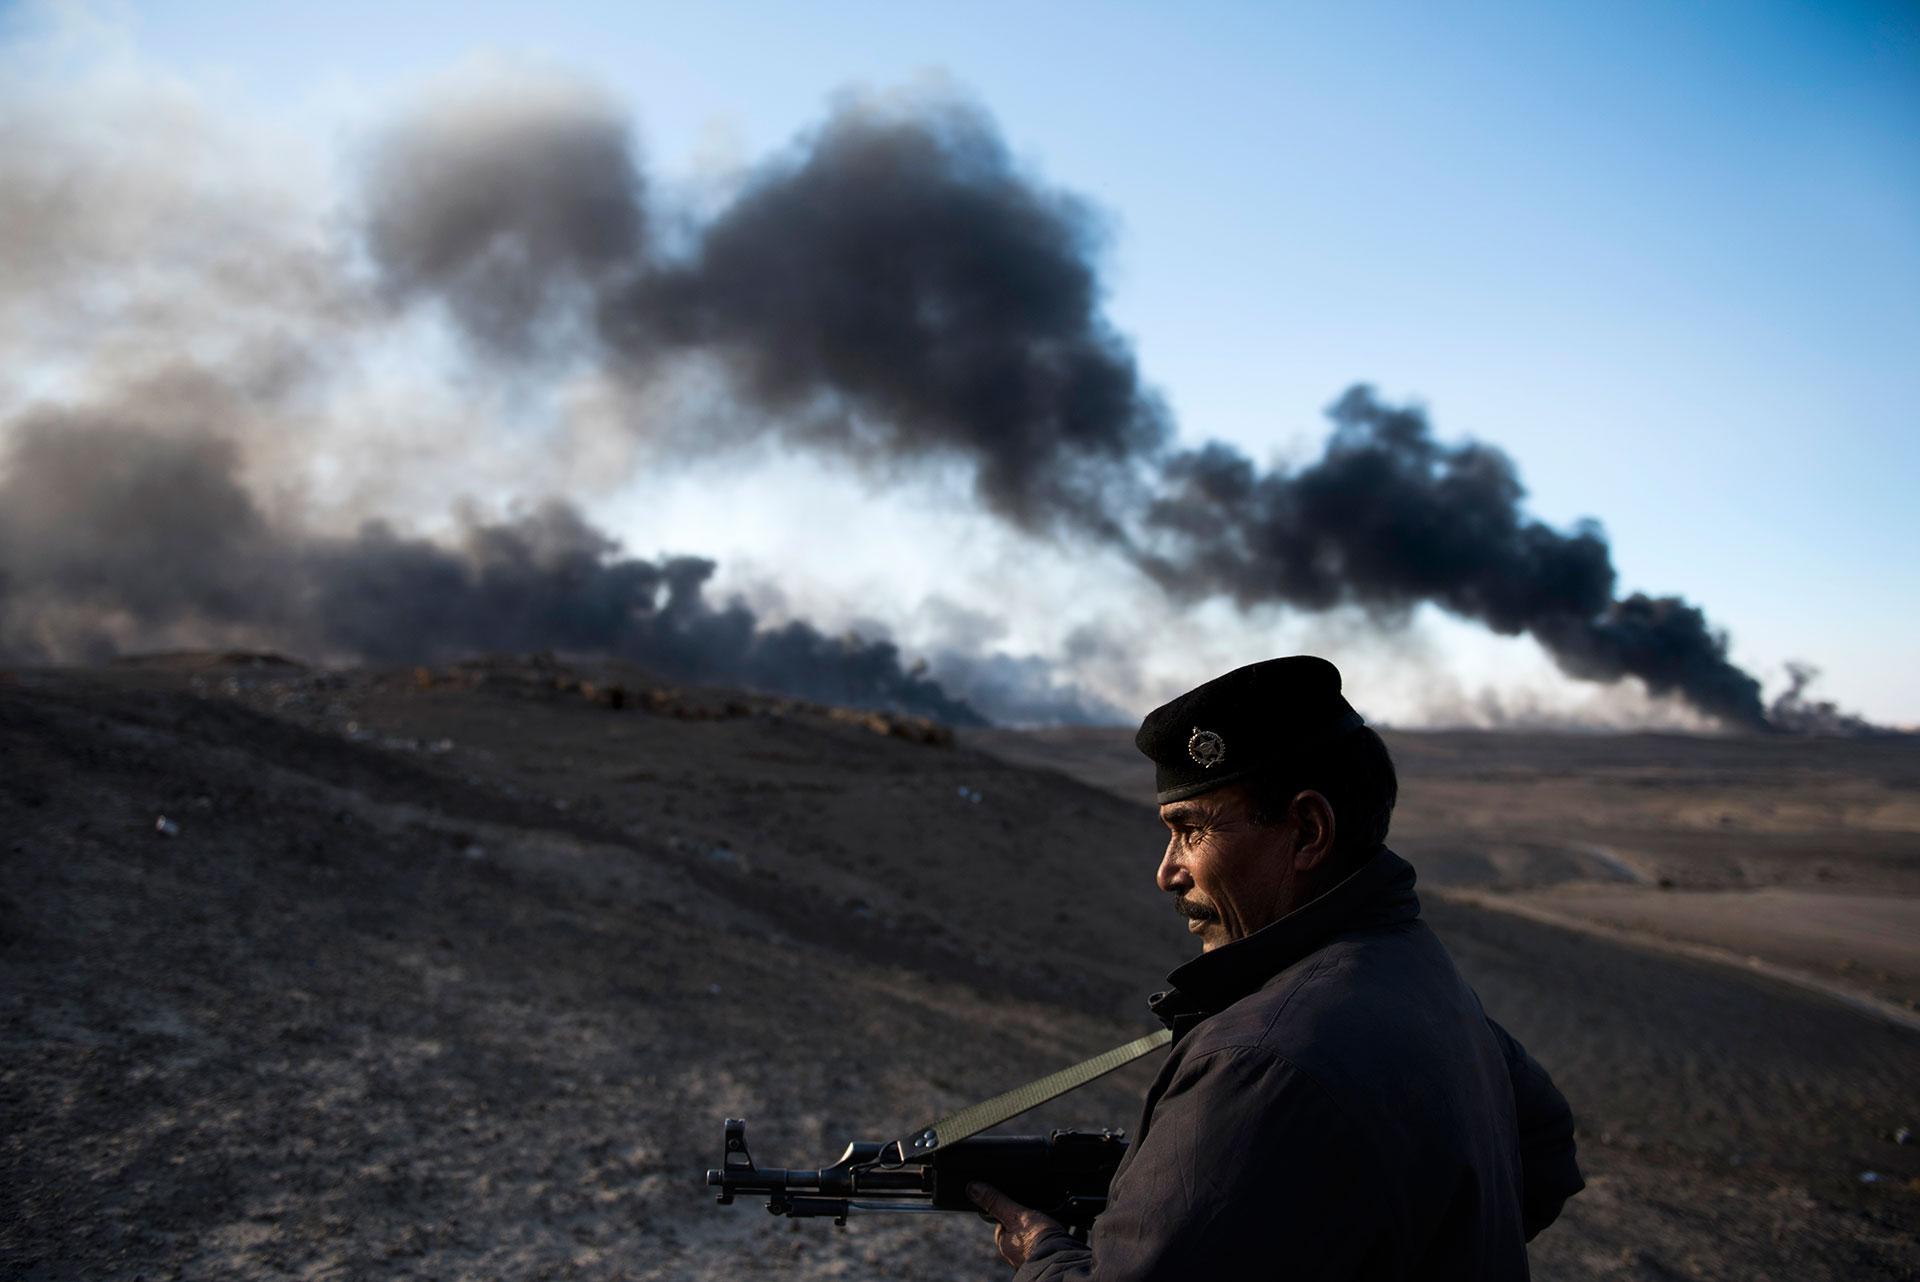 Con las columnas de humo que se elevan en el cielo, el ISIS busca dificultar la visibilidad de los aviones de guerra(AFP)